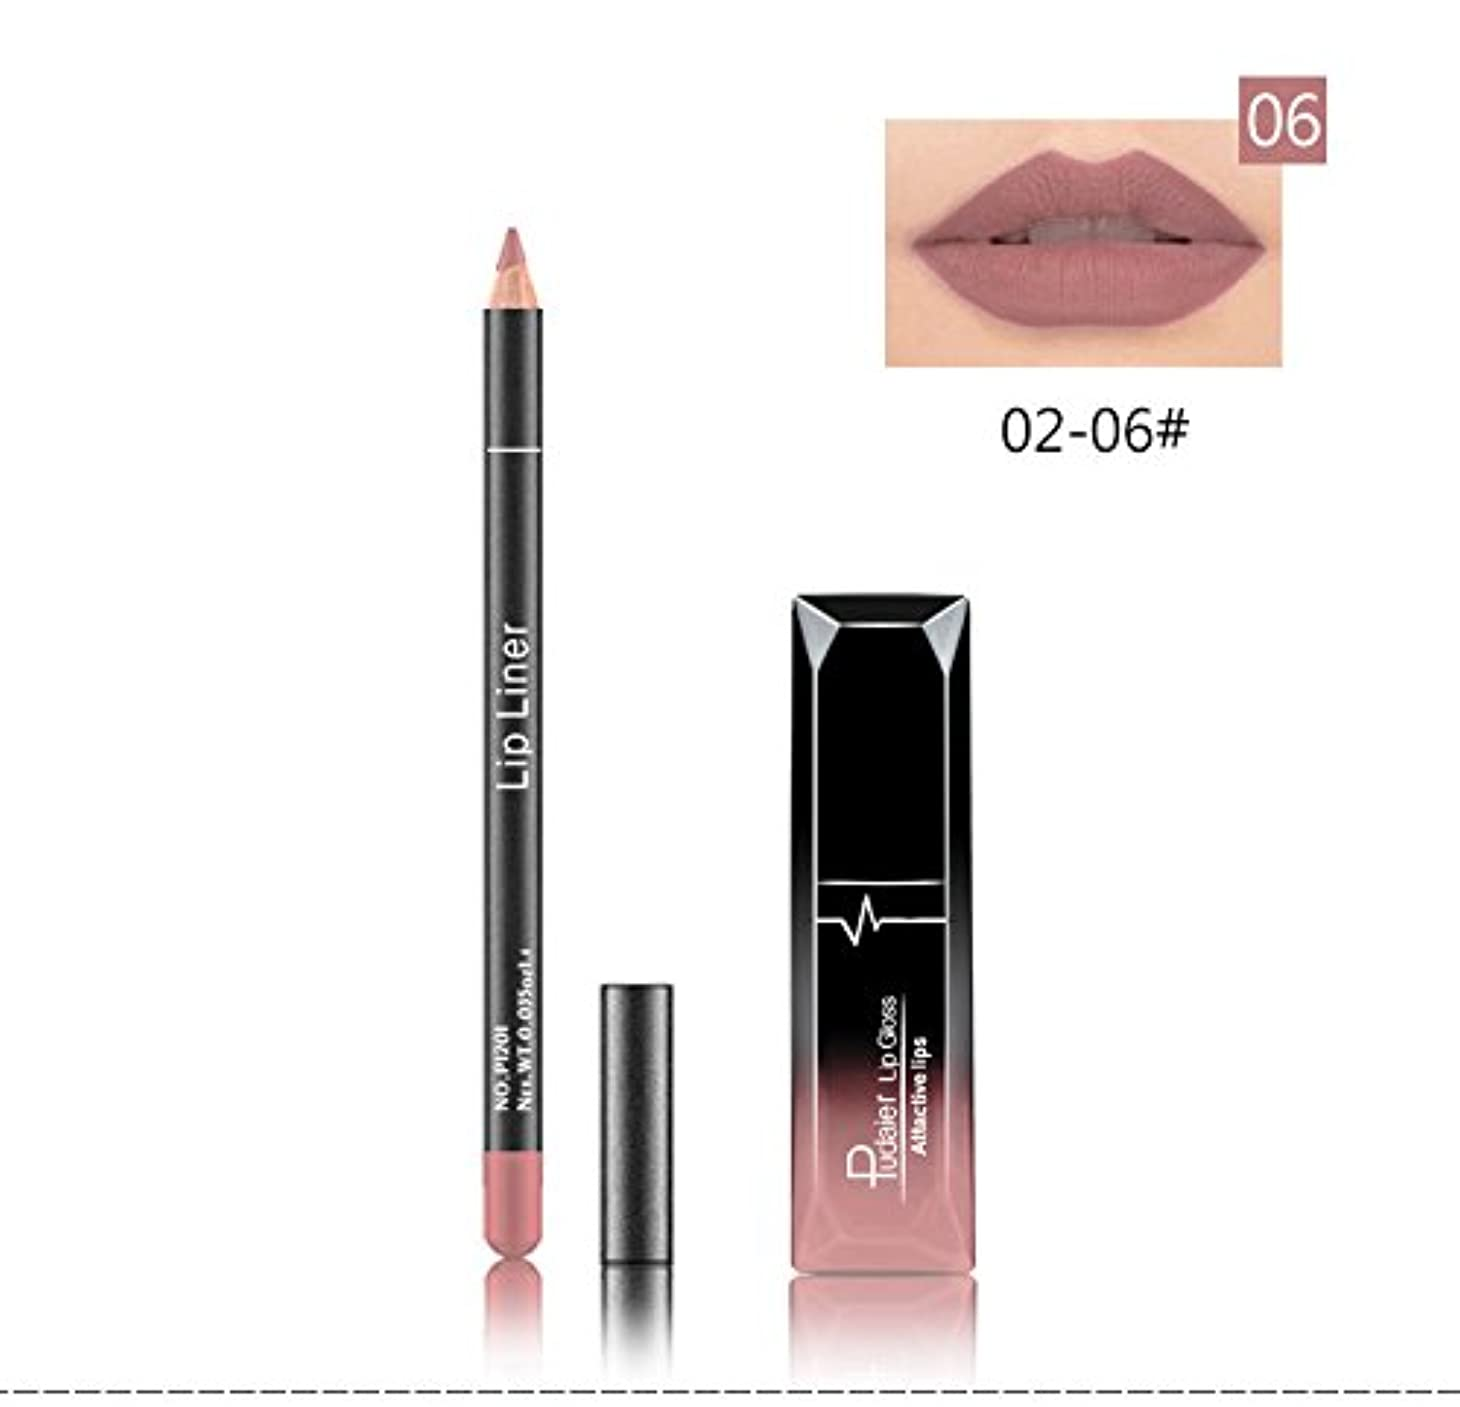 オークランドどきどき爵(06) Pudaier 1pc Matte Liquid Lipstick Cosmetic Lip Kit+ 1 Pc Nude Lip Liner Pencil MakeUp Set Waterproof Long...